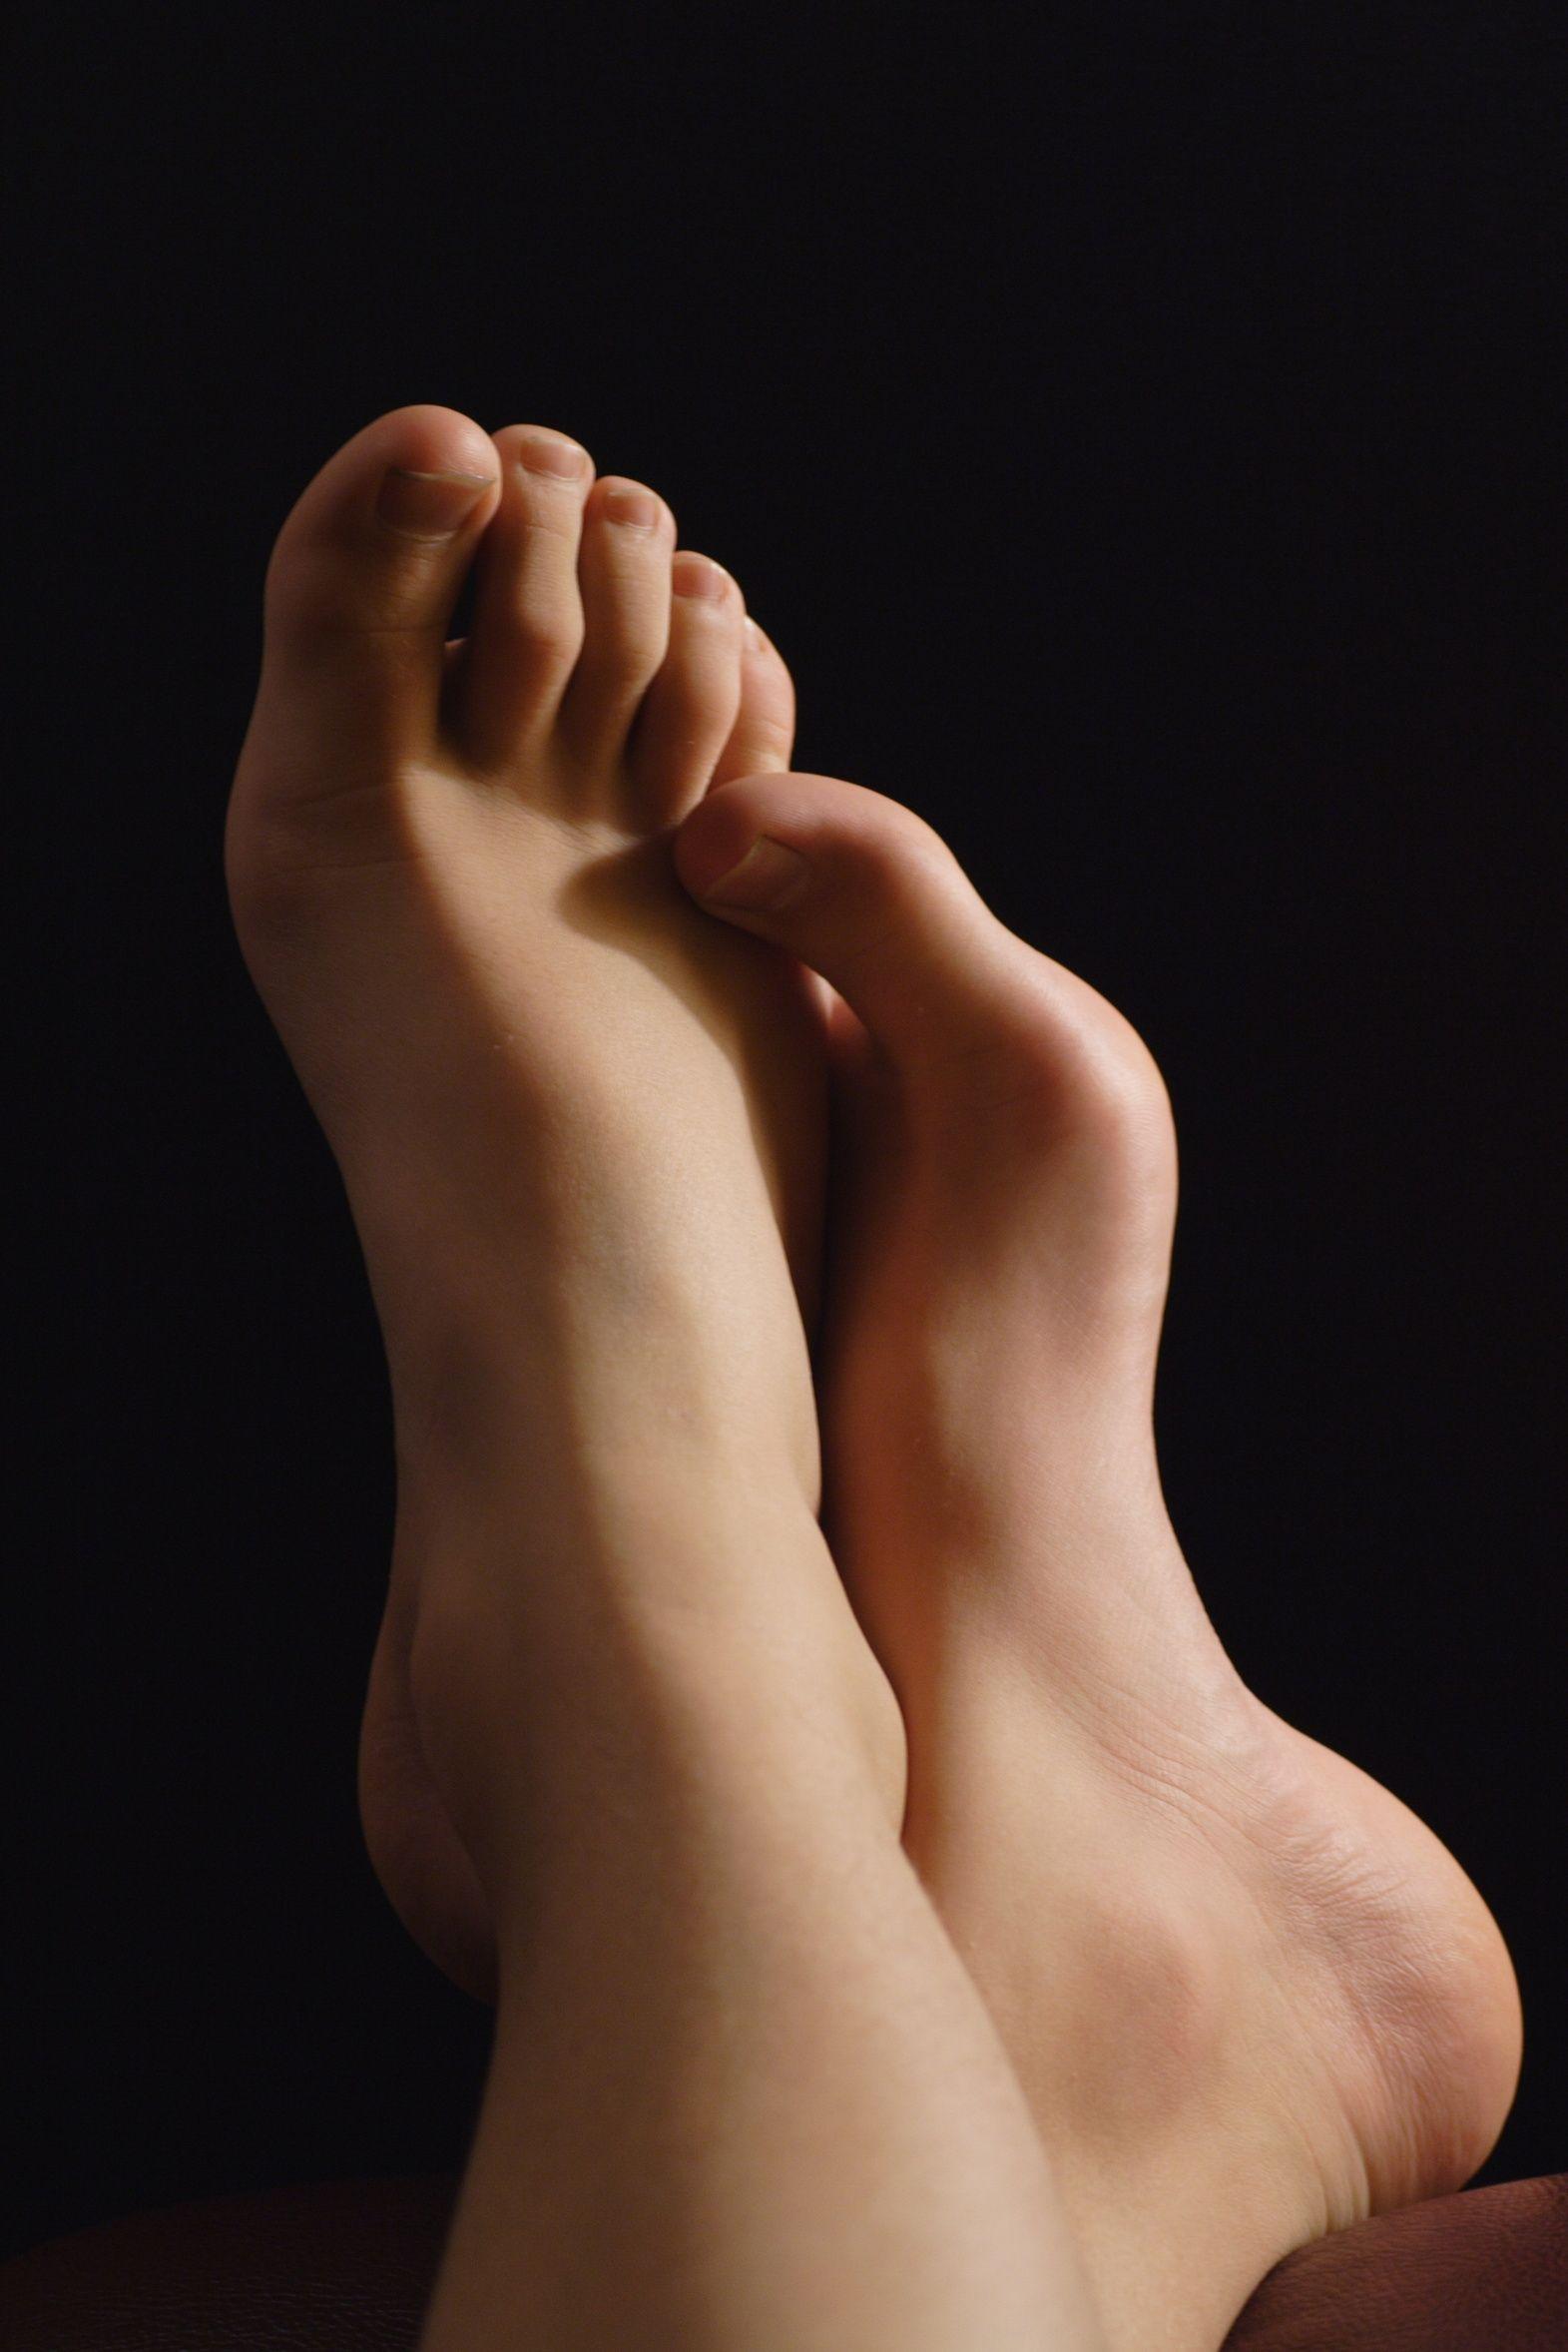 последние произведения ступни ног женские фото намяла обеих